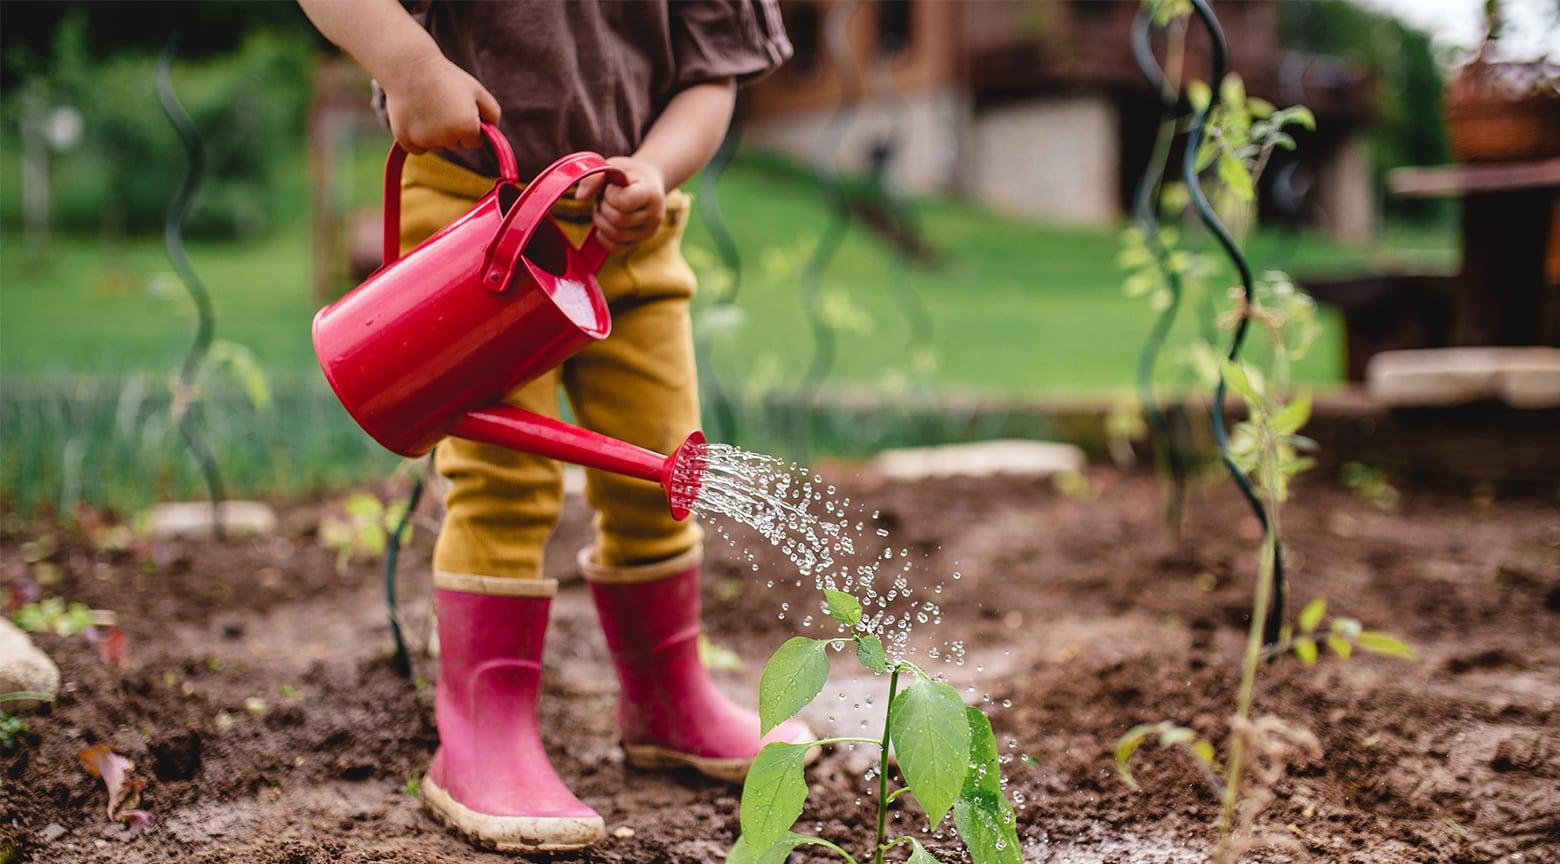 watering gardent